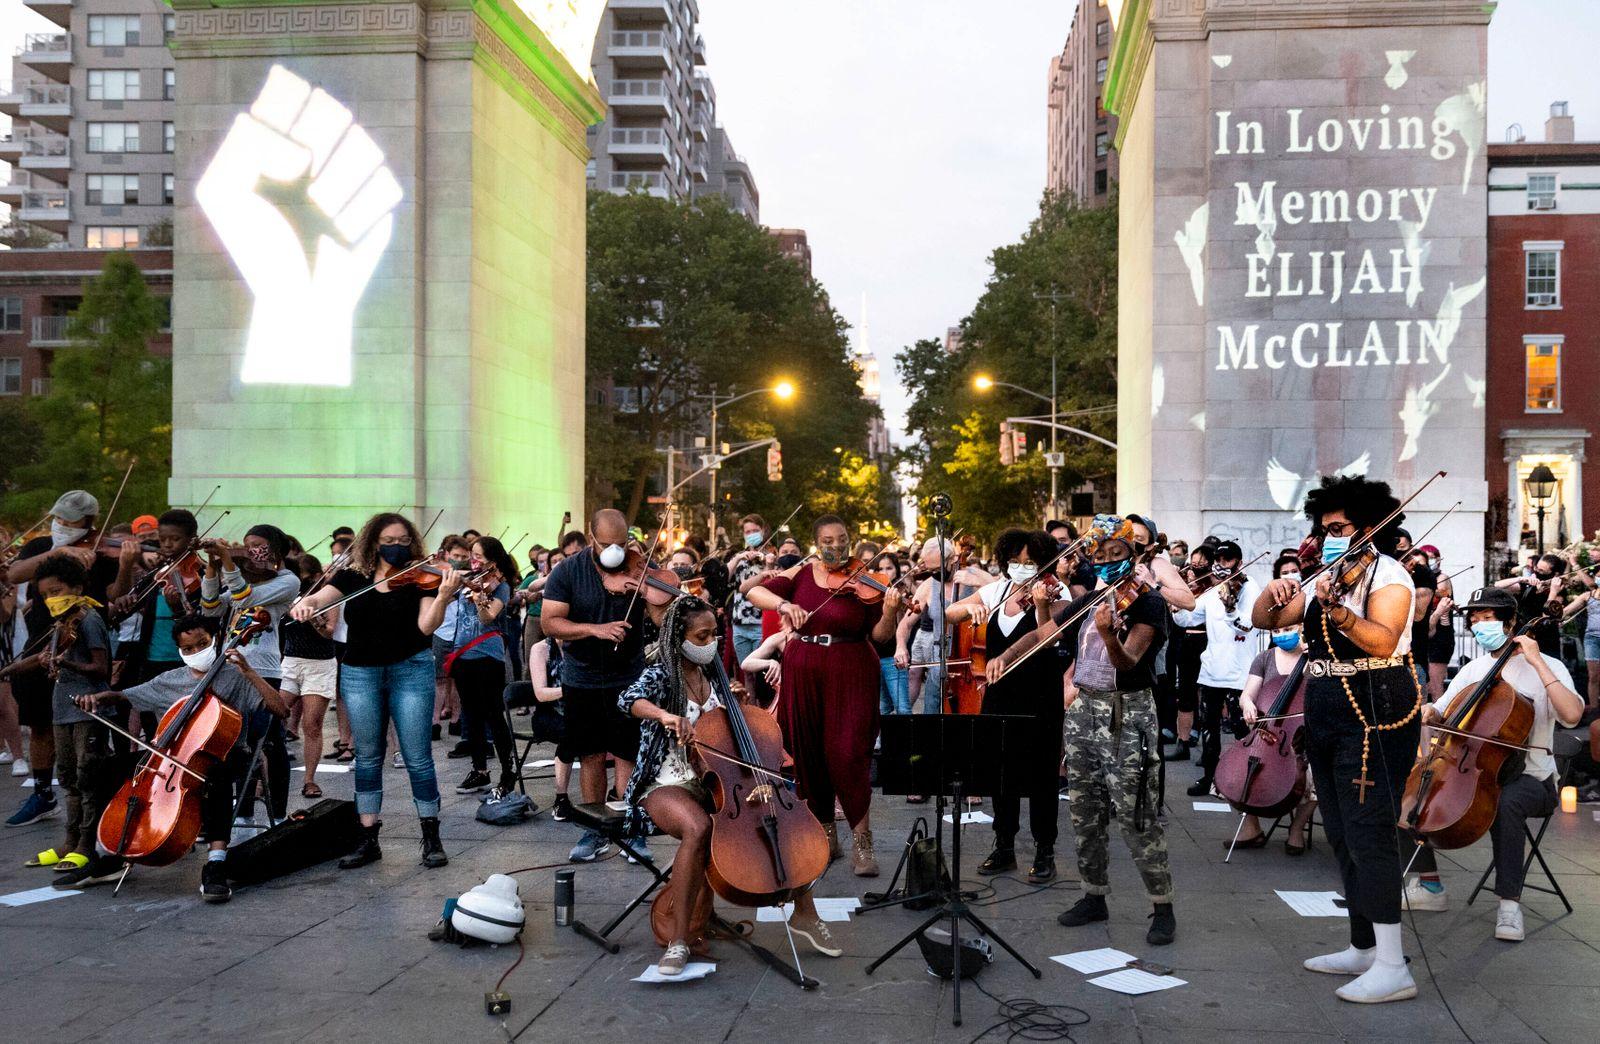 June 29, 2020, New York, New York, U.S: Violinists perform during a Black Lives Matter Vigil for Elijah McClain at Washi